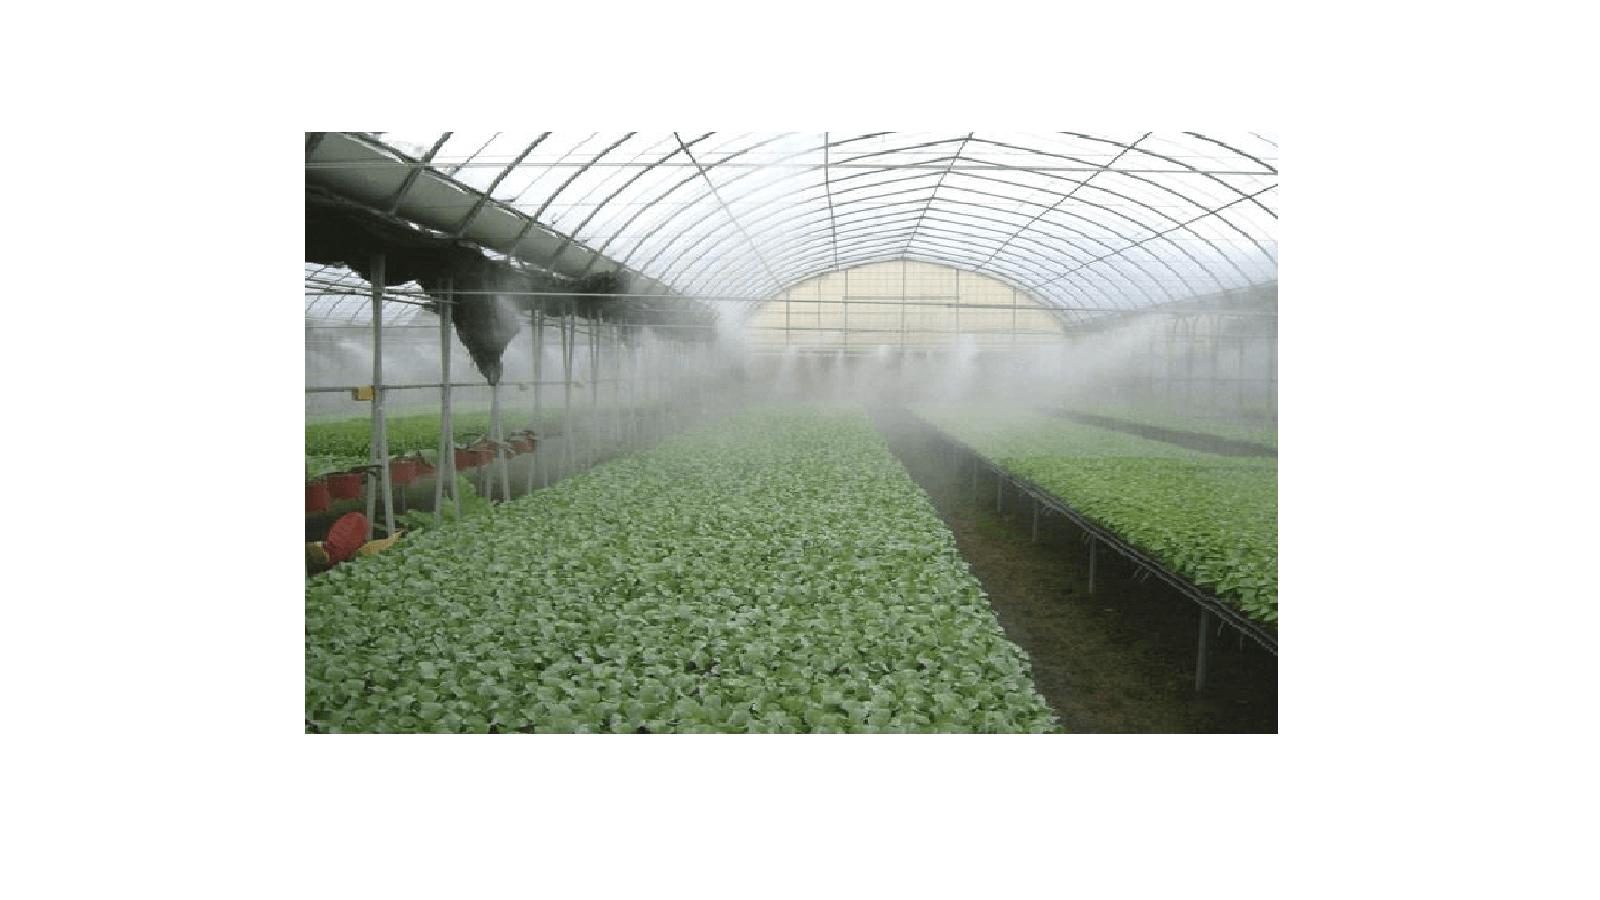 پمپ مه پاش مناسب مرغداری و گلخانه ها